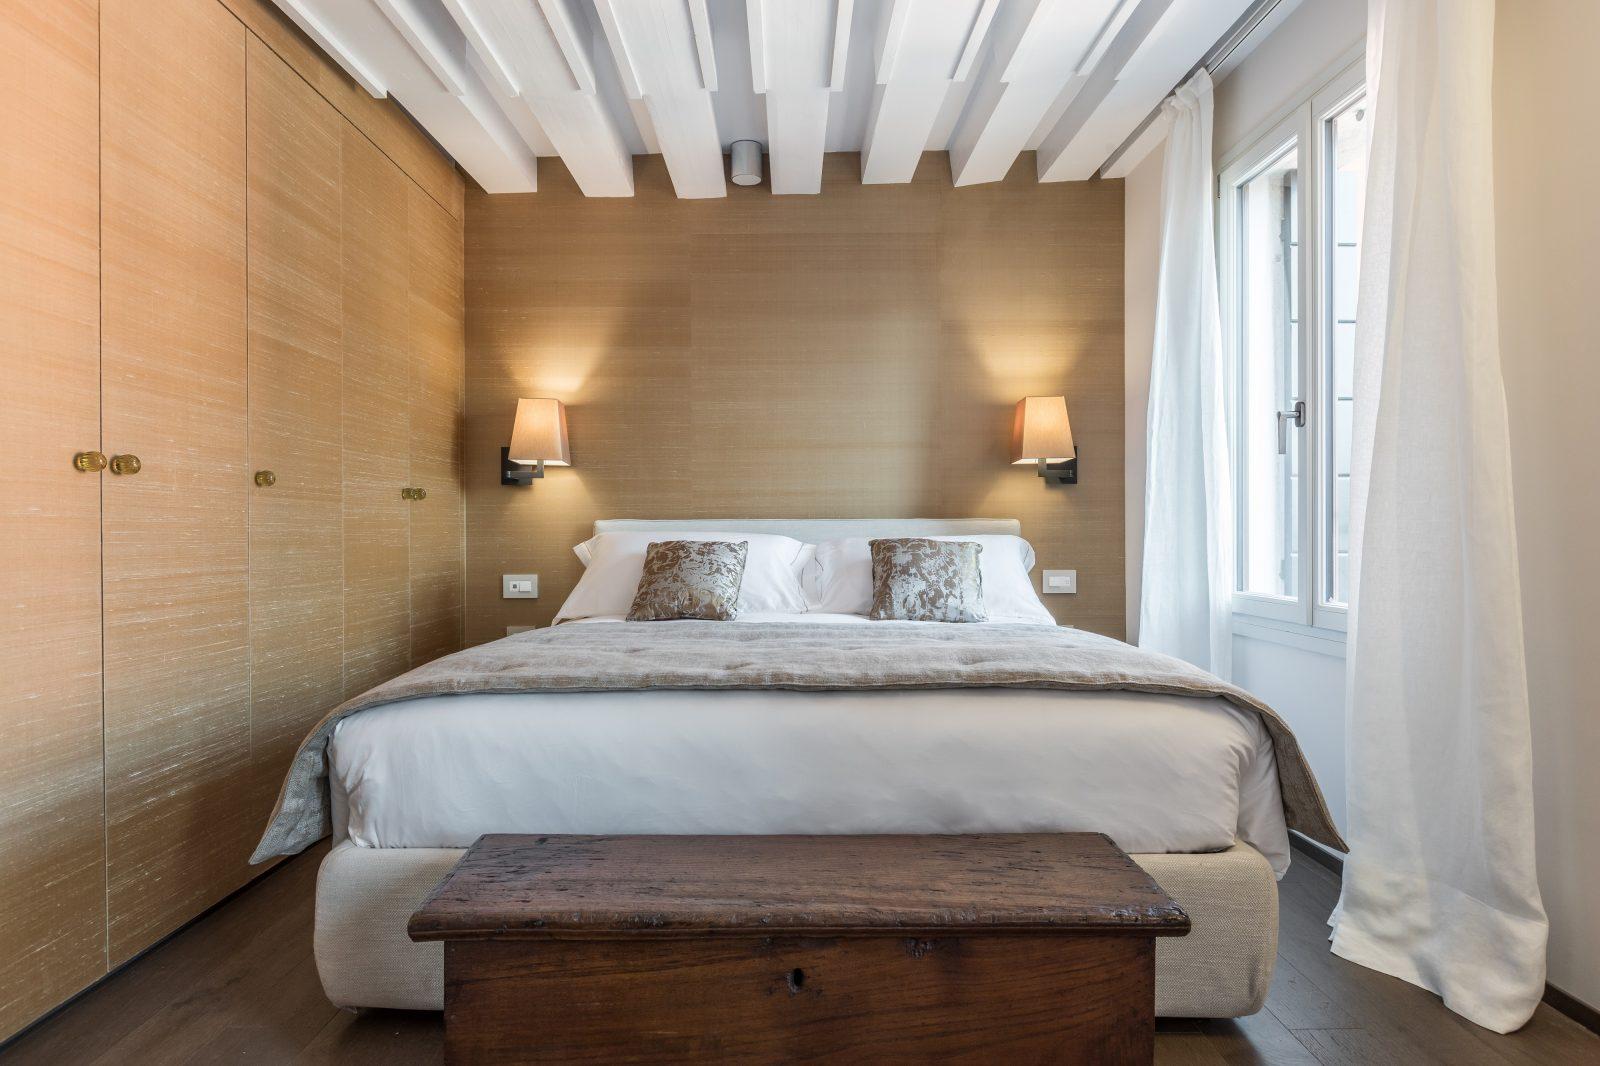 camera-letto-frontale-appartamento-rabarbaro-mobile-legno-design-lampade-venezia-palazzo-morosini